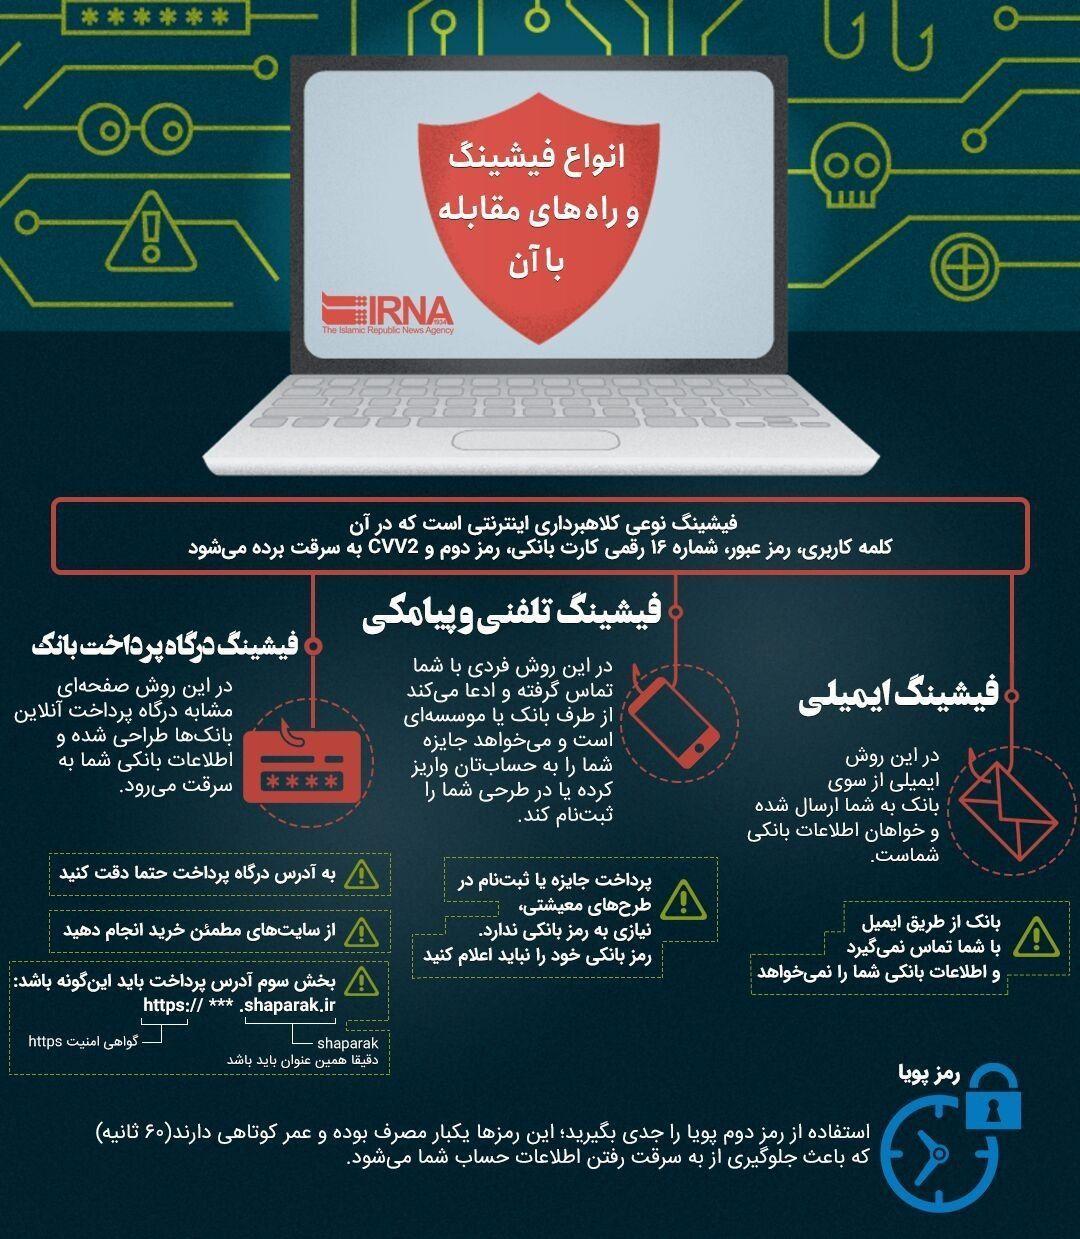 استفاده از رمز پویا بهترین راه مقابله با سرقت اطلاعات حساب